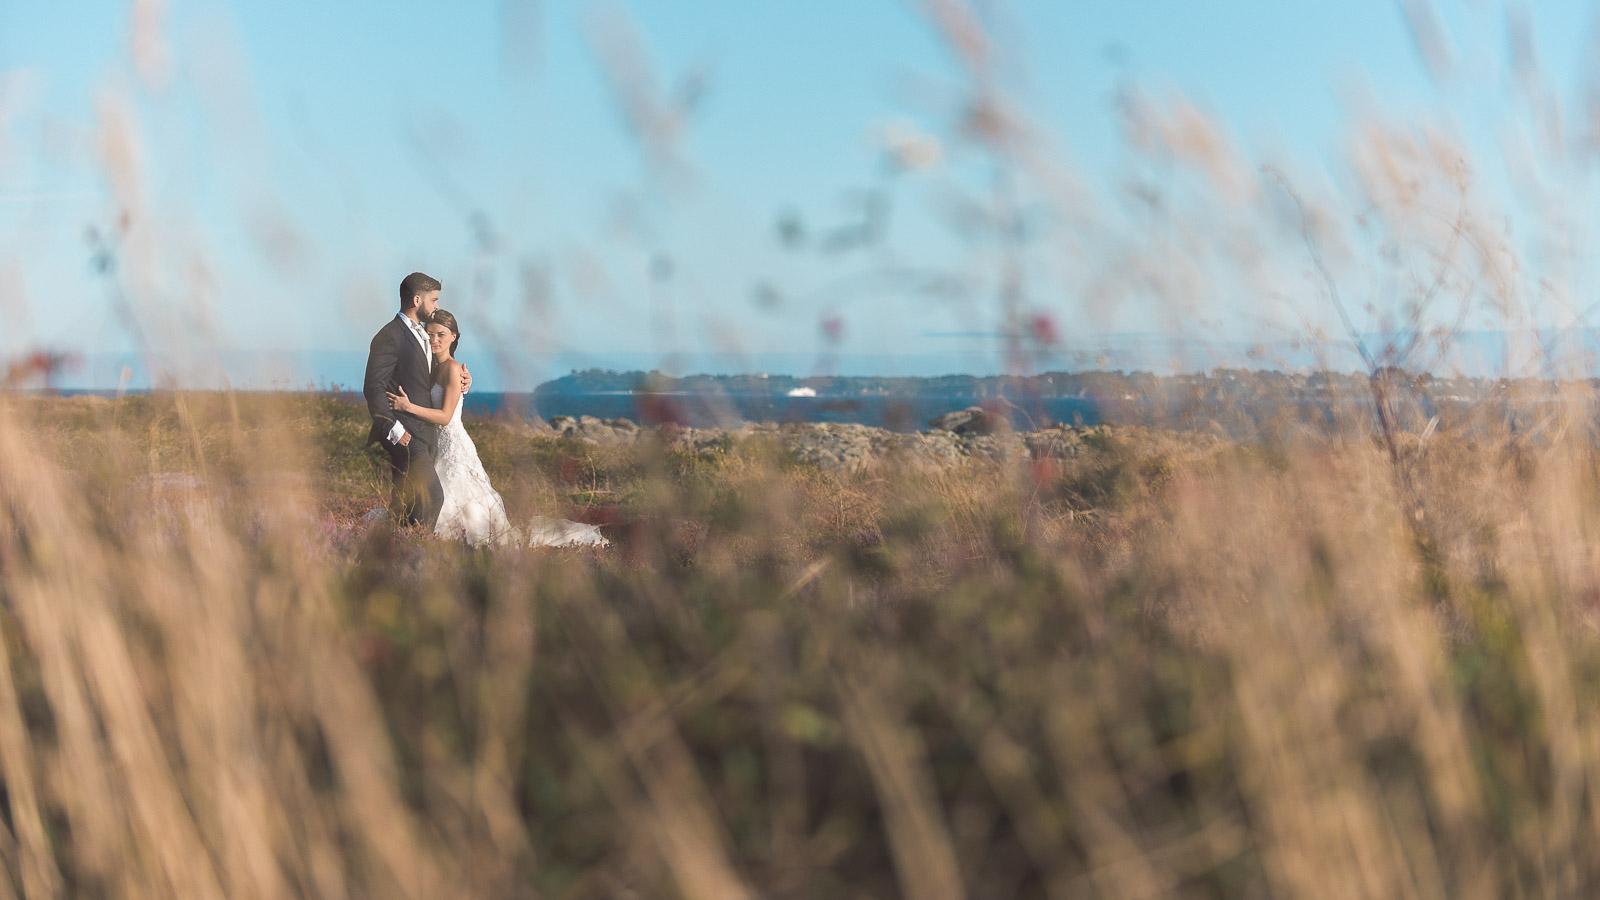 Philippe Le Pochat photographe de mariage à Lorient Morbihan